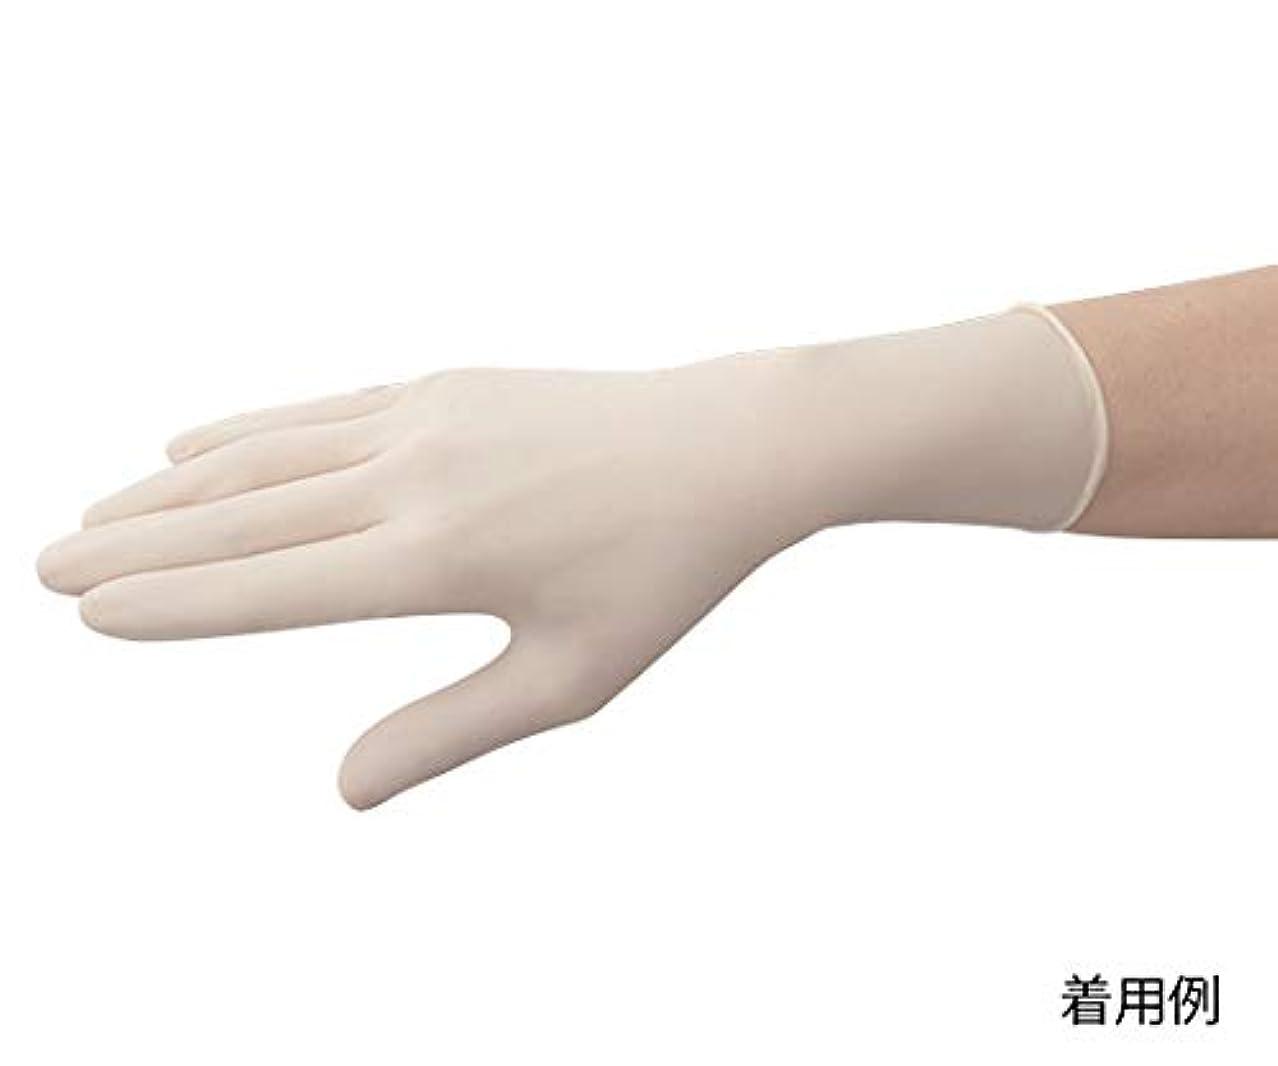 グラス艦隊ただやる東レ?メディカル 手術用手袋メディグリップ パウダーフリー50双 8170MG